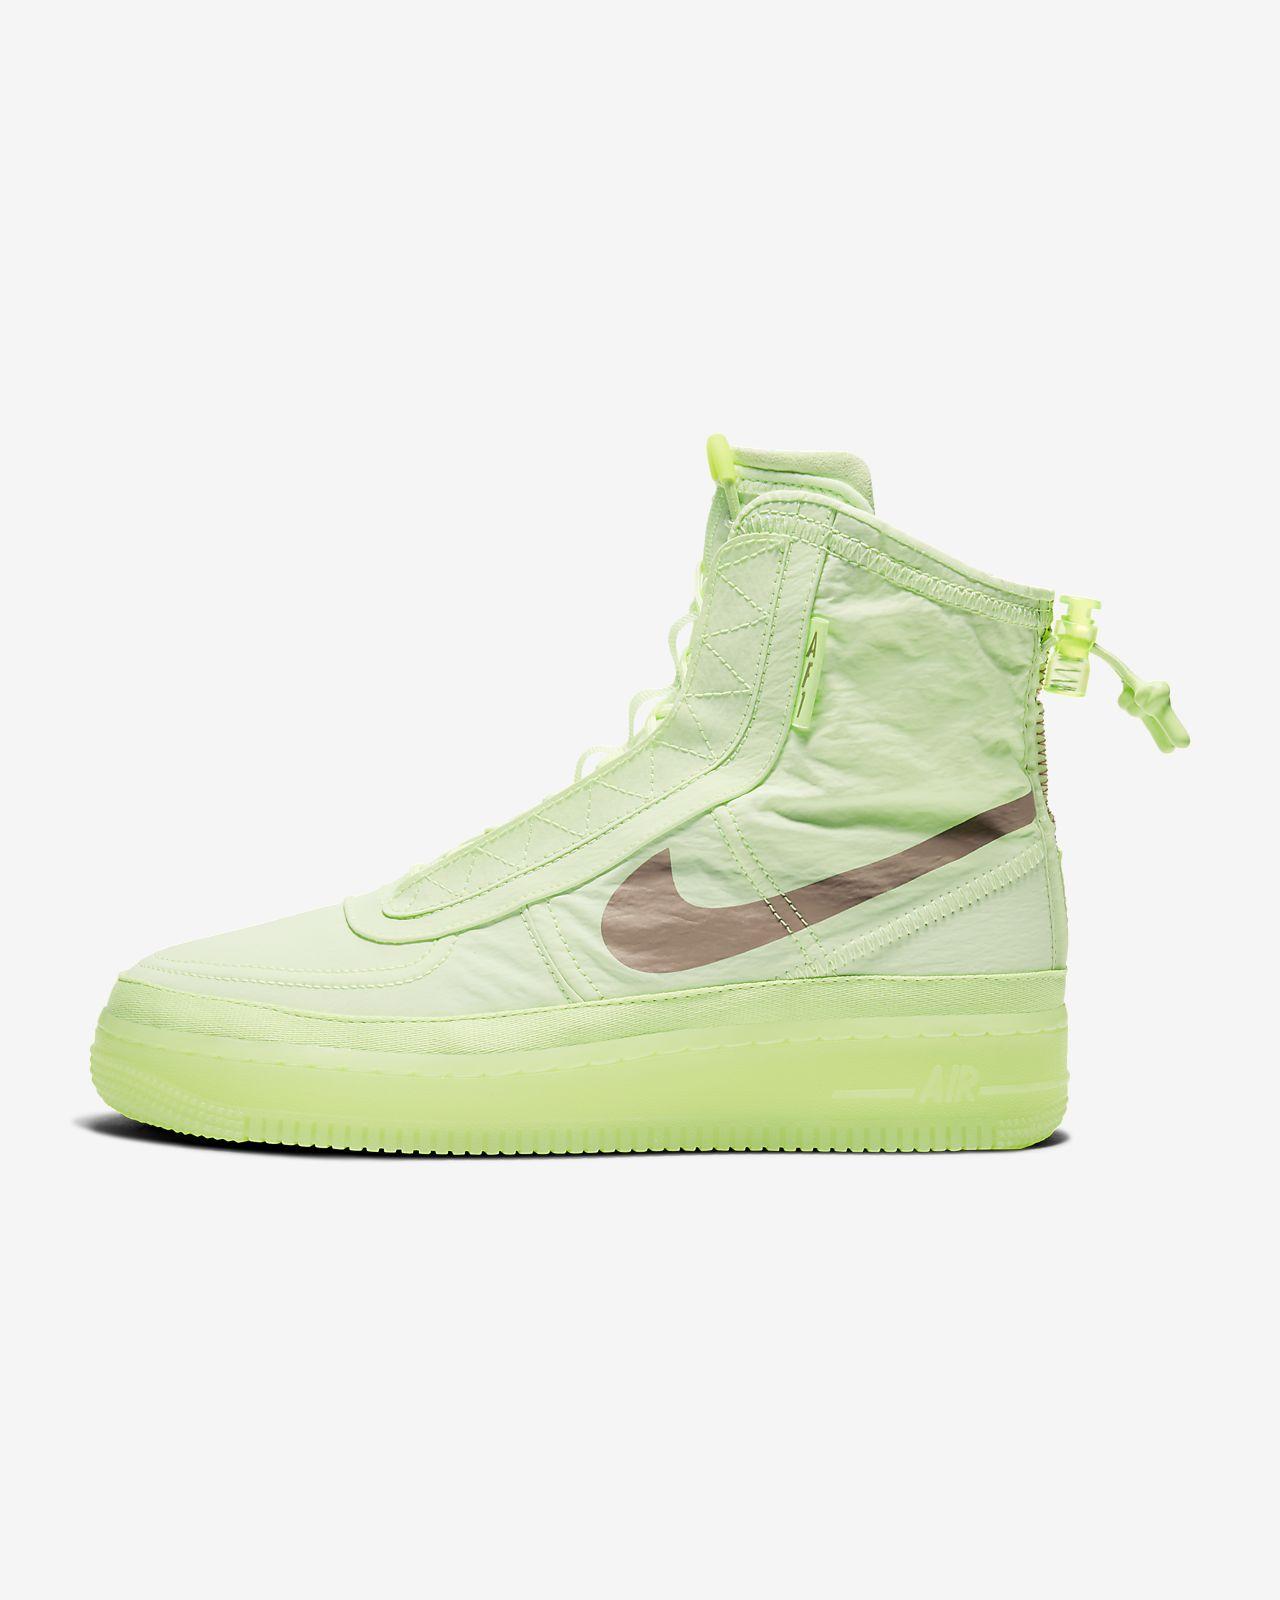 Nike Air Force 1 Shell Damenschuh